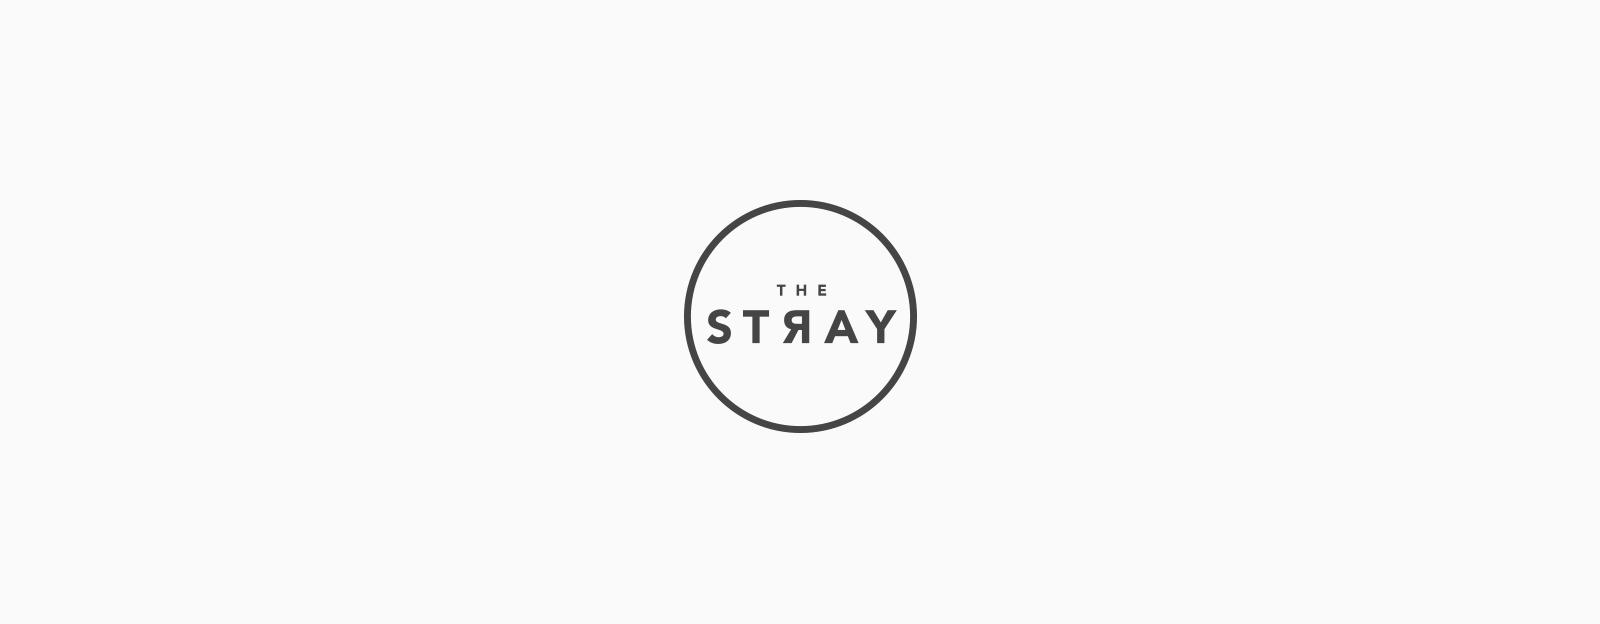 thestray_julieeckertdesign_logo.jpg